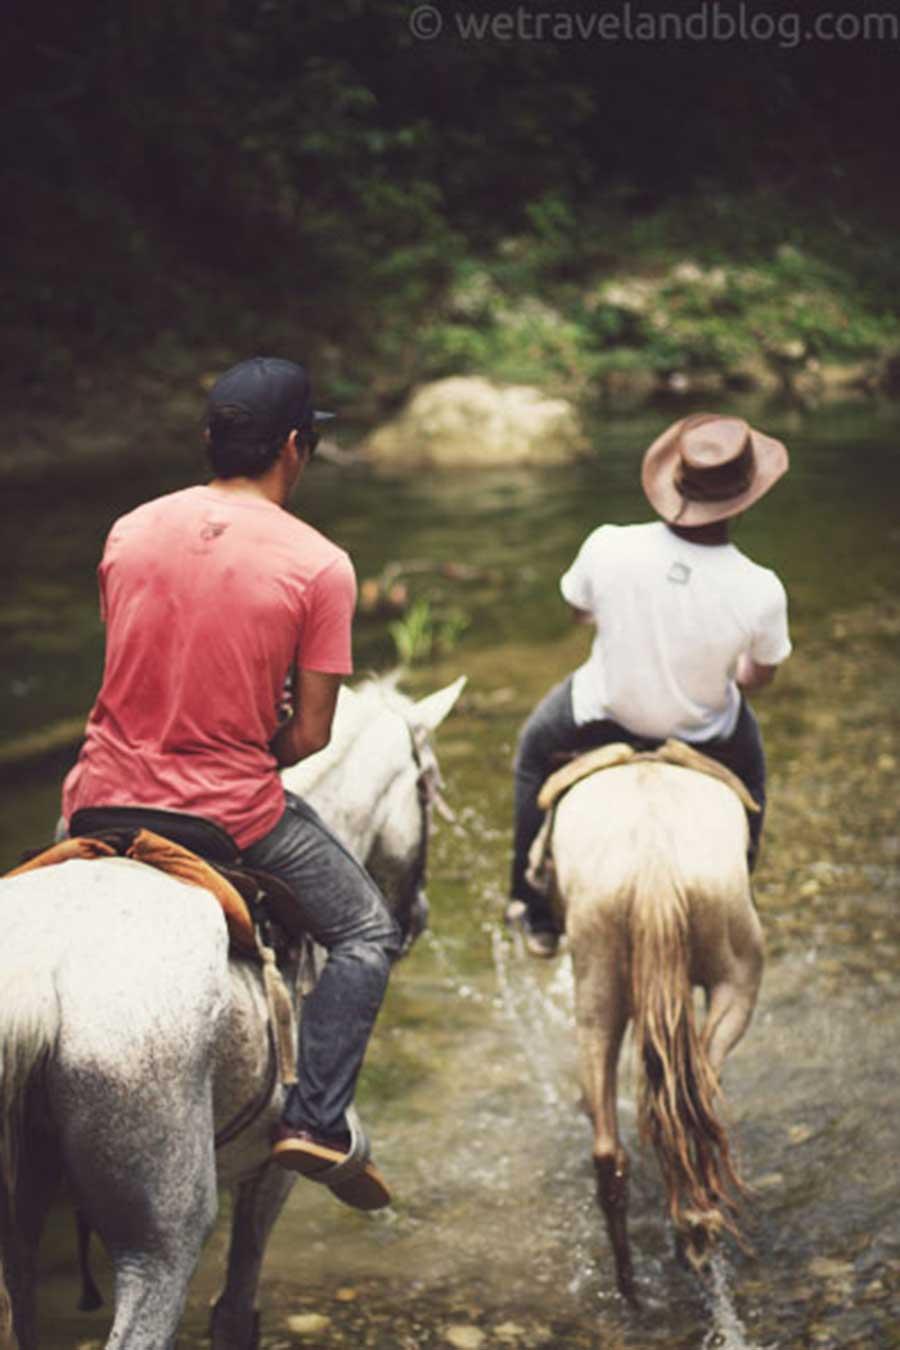 horse, adventure, dominican republic, two horses, magic, http://wetravelandblog.com